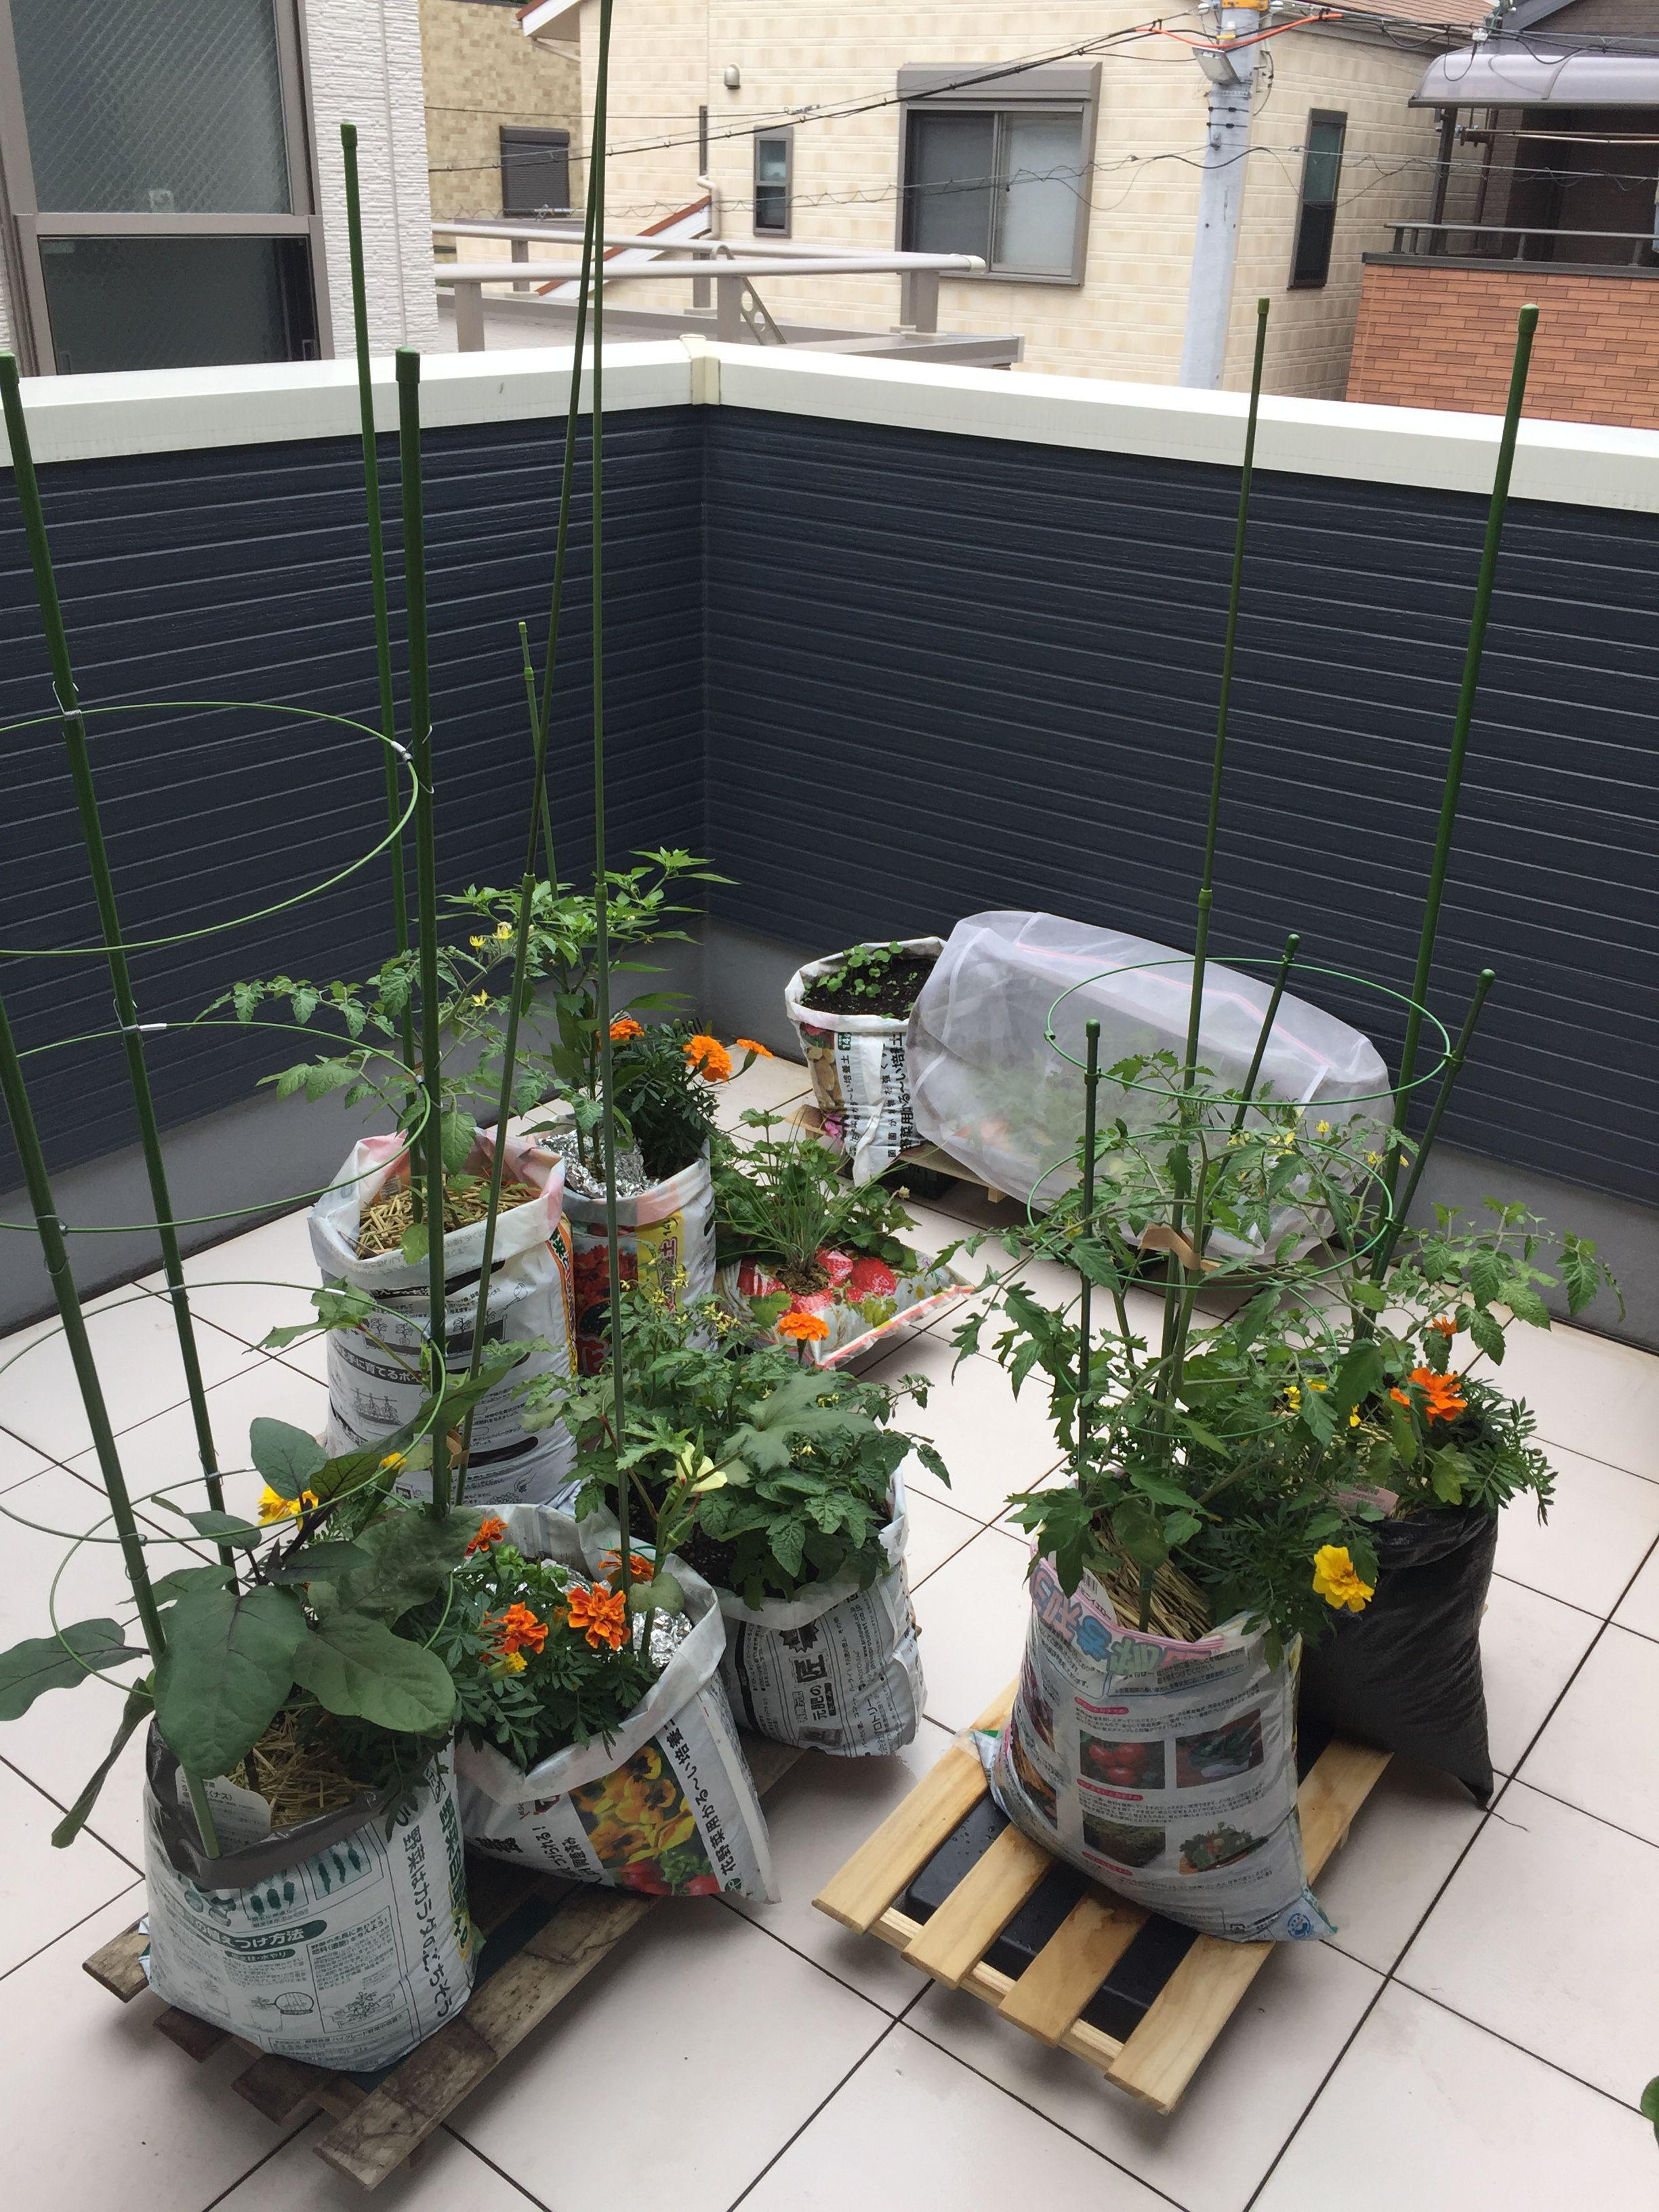 4 5畳のベランダで家庭菜園 袋栽培してます 植物栽培 ベランダ